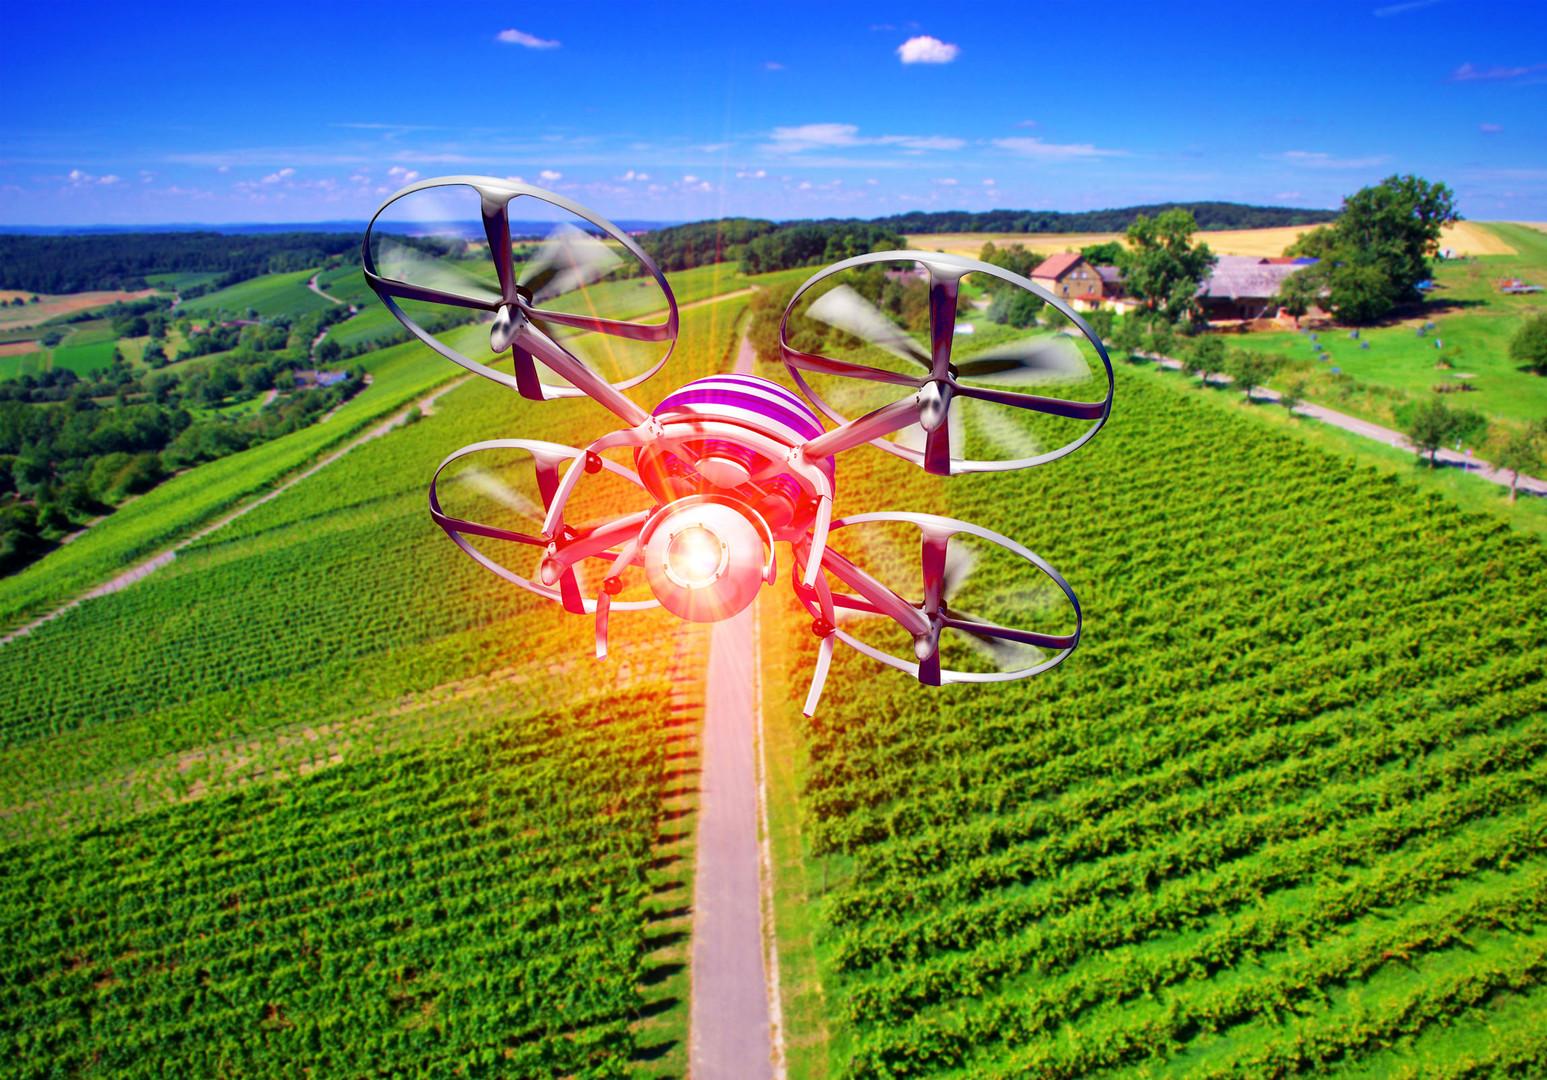 Drohne Landwirtschaft 17 .jpg